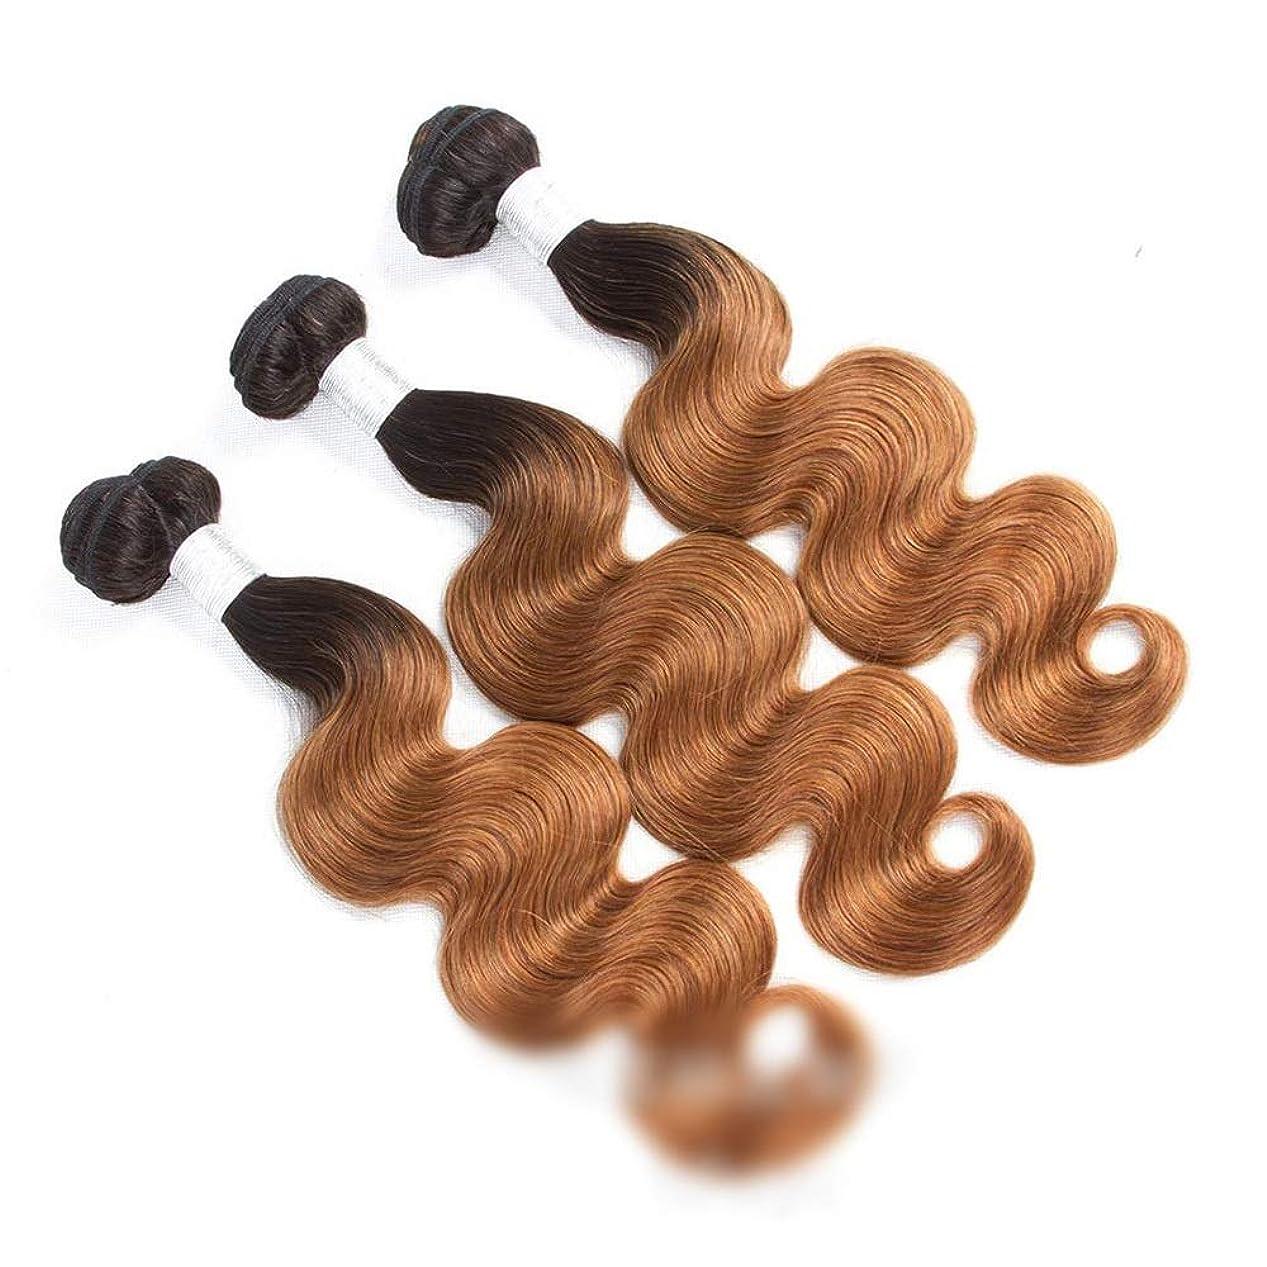 ジュニア側面隔離YESONEEP 人毛エクステンションボディウェーブよこ糸1B / 30 2トーンカラー(10インチ-26インチ、110g)ロングストレートウィッグウィッグ (色 : ブラウン, サイズ : 26 inch)